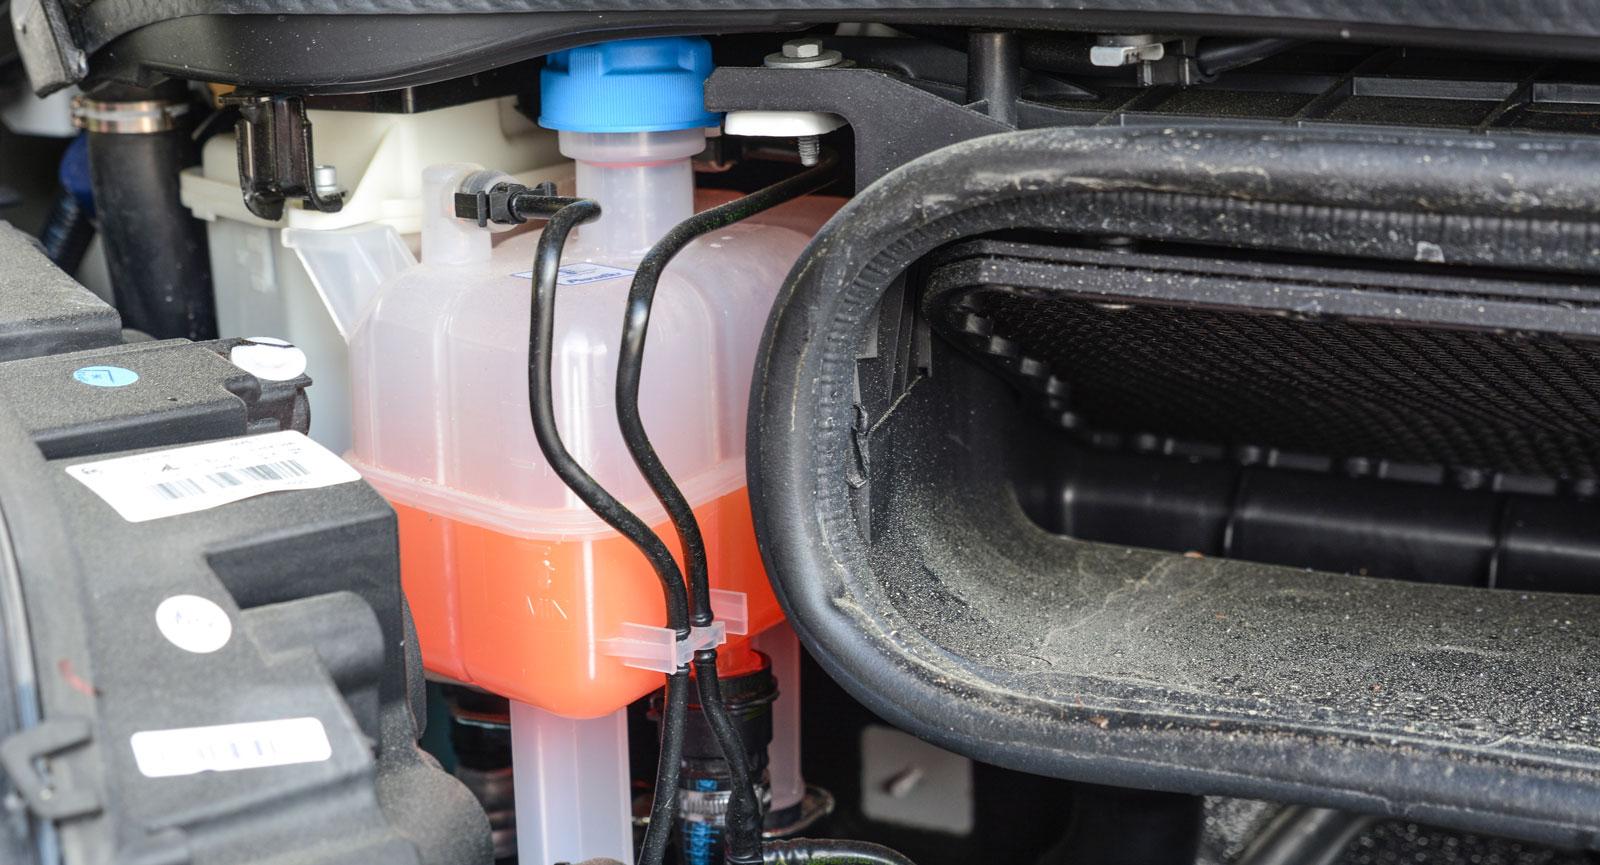 Glykolens färg (och typ) kan skilja sig mellan motor och bodel. Blanda aldrig två olika.